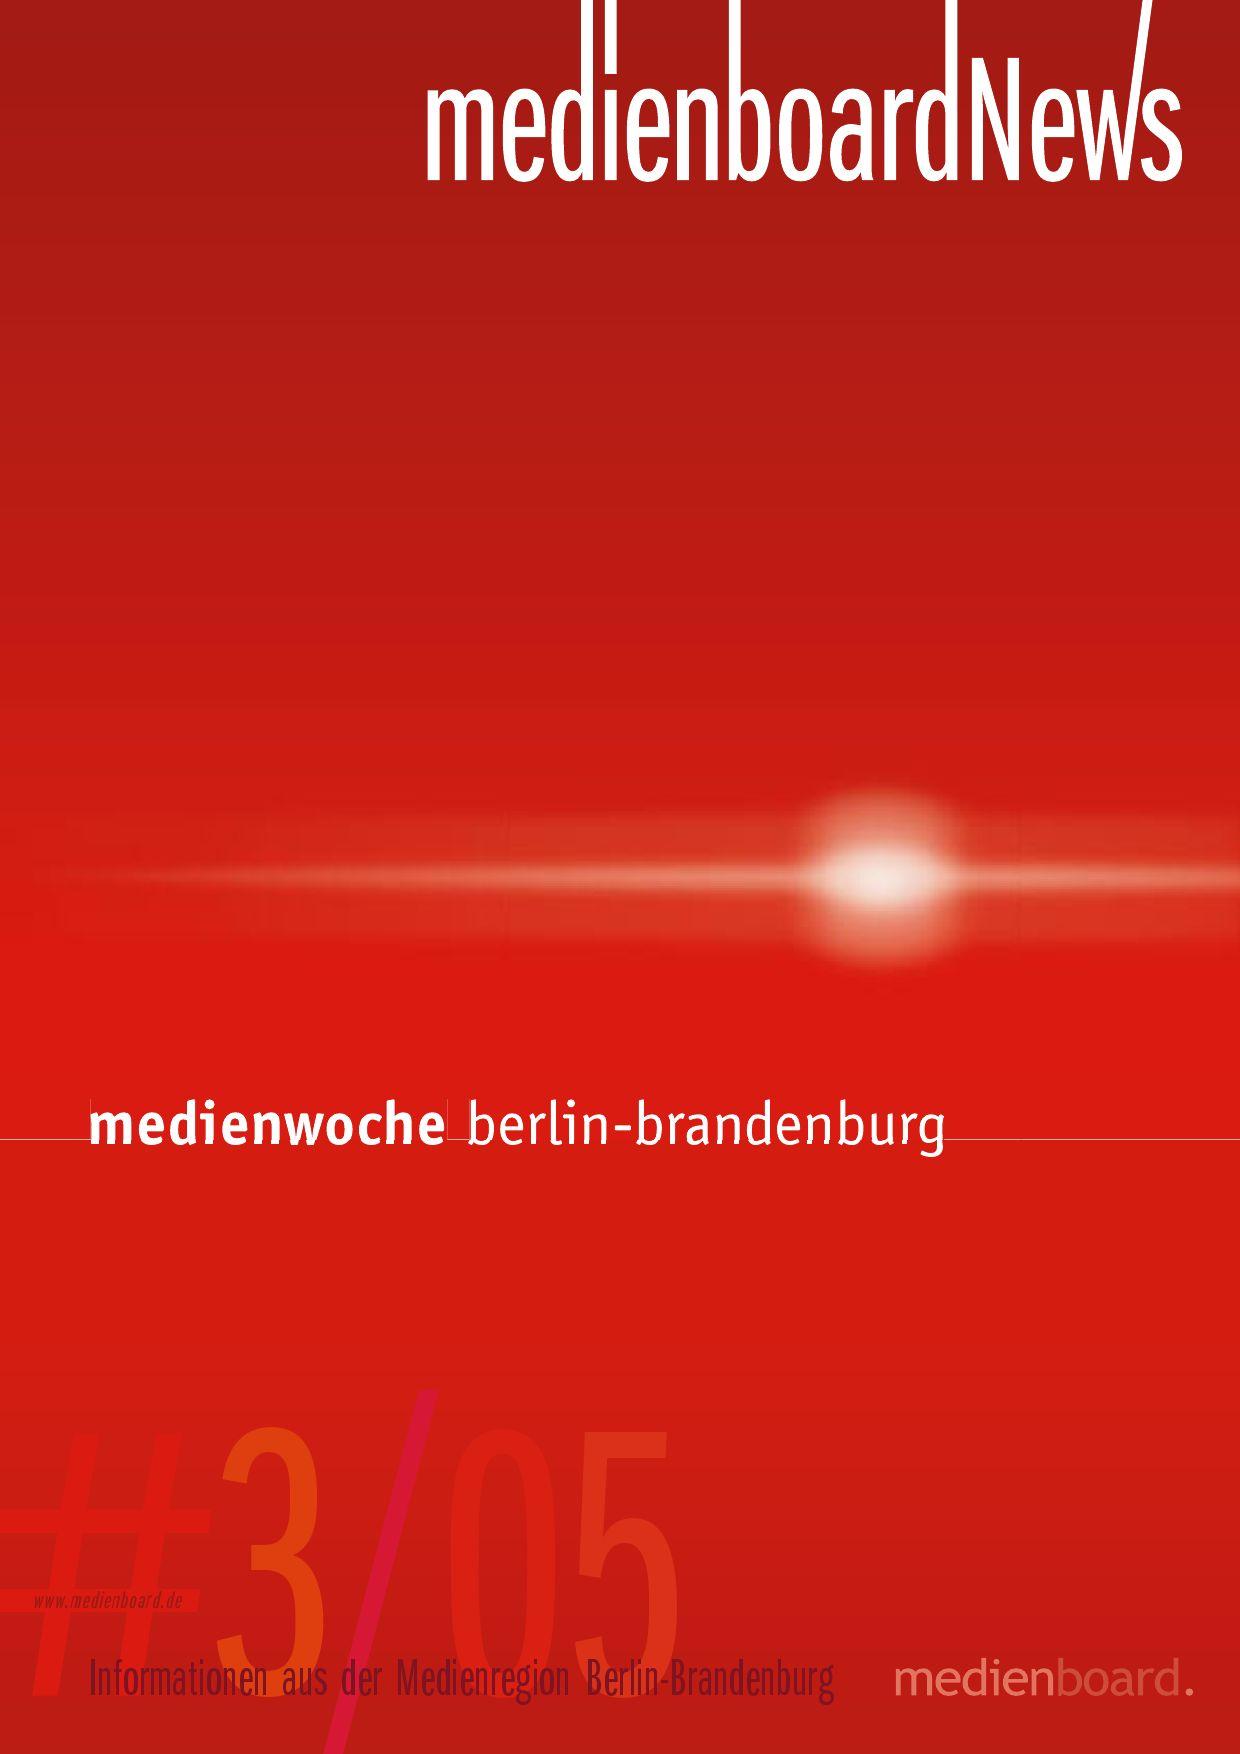 Medienboard News 3.05 Medienwocheausgabe by Medienboard